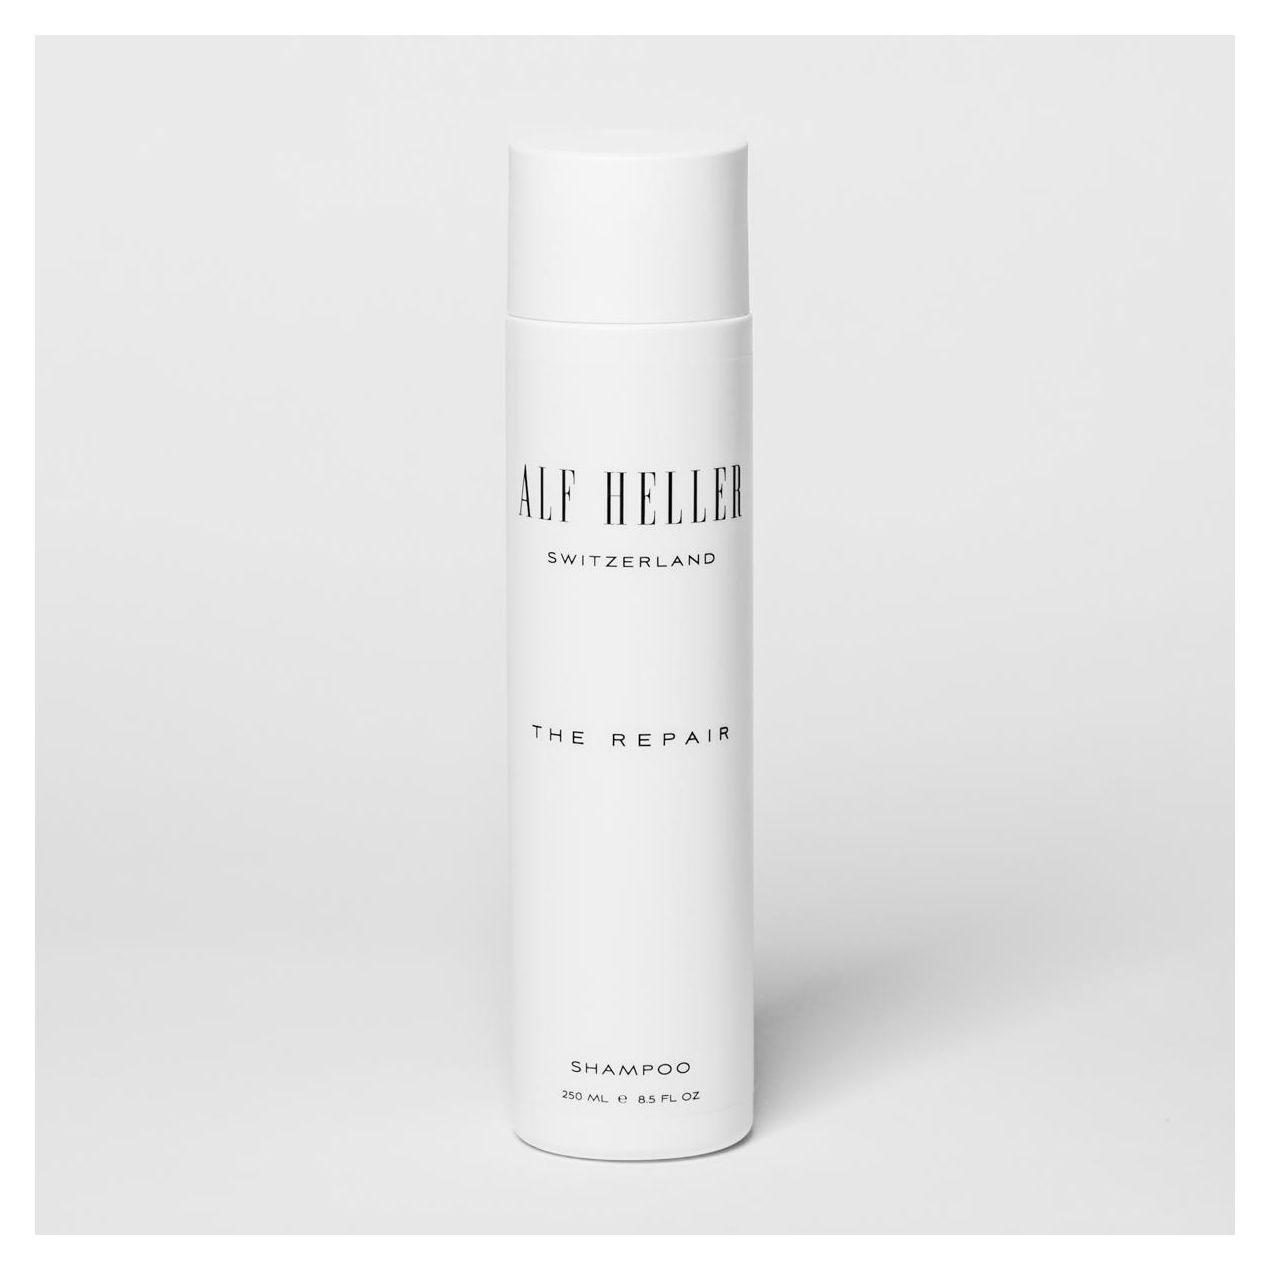 THE REPAIR shampoo